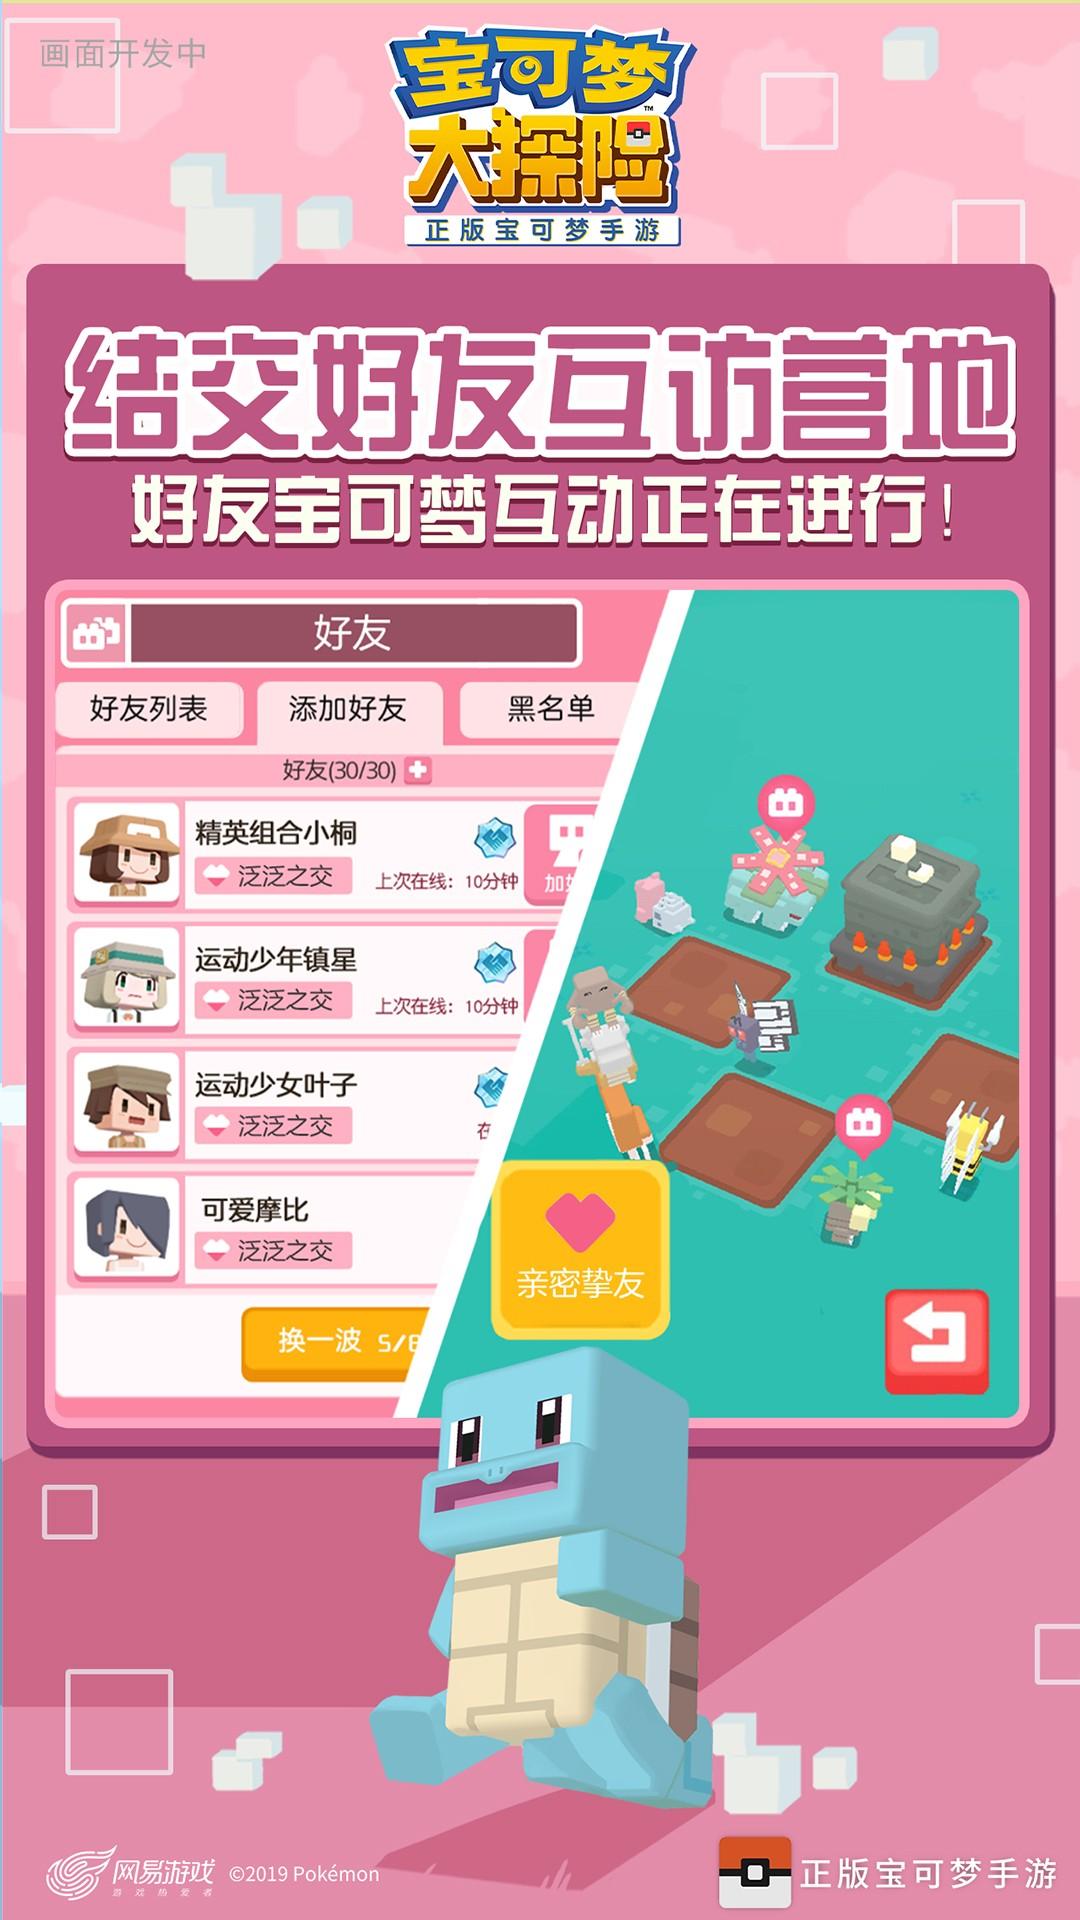 宝可梦大探险app下载 1.0.4 破解版